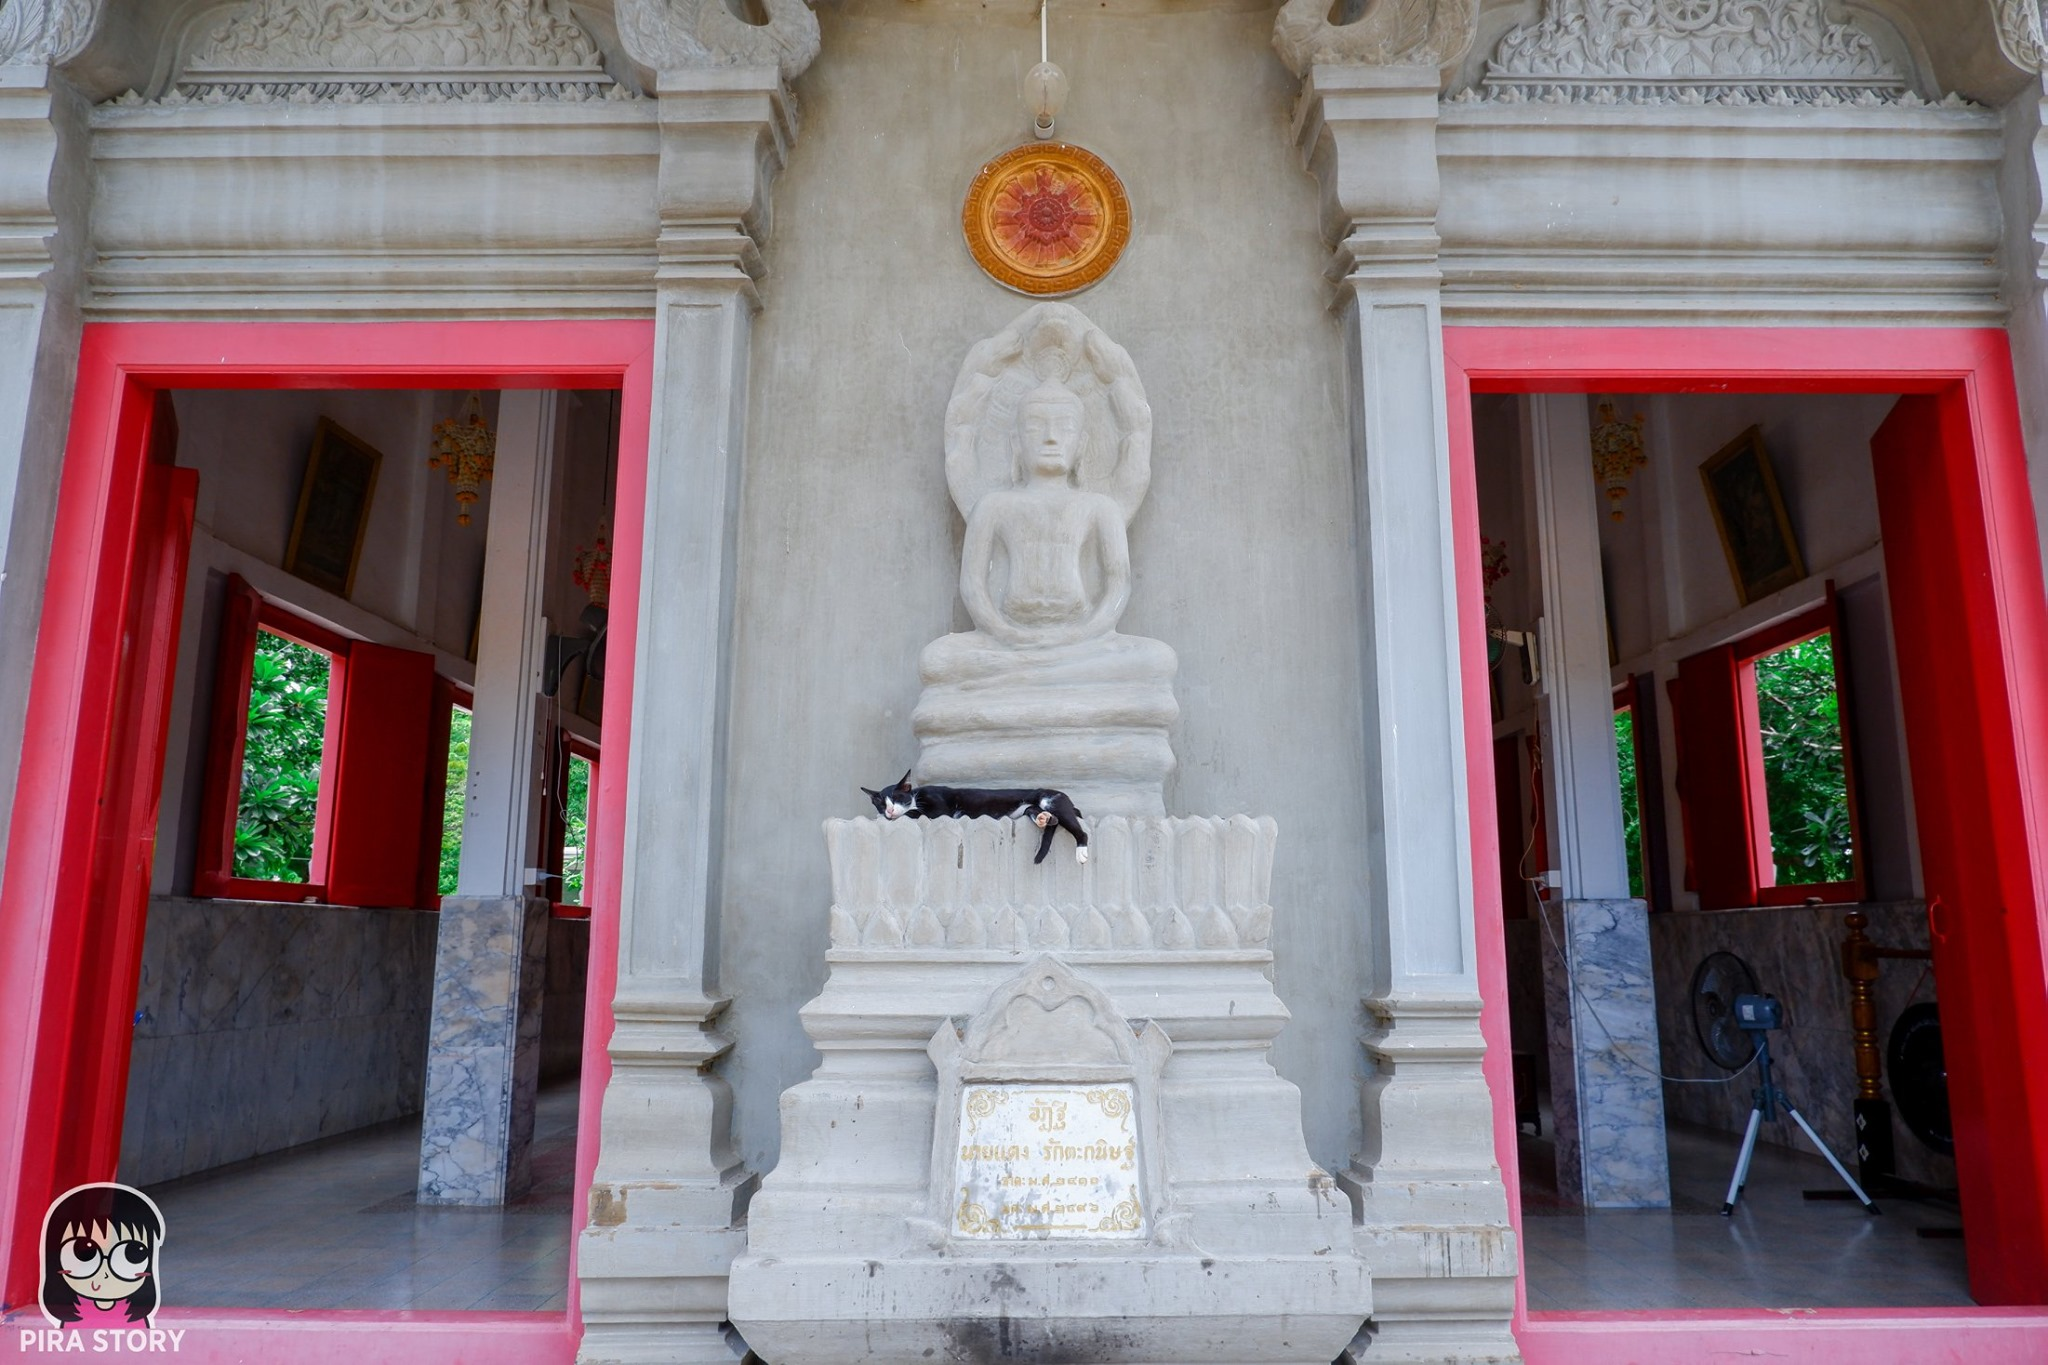 โบสถ์อินเดีย วัดเนรัญชราราม เพชรบุรี ชะอำ พระปิดตา ปิดหู ปิดจมูก ปิดปาก พระปิดทวาร ทั้ง 9 พระปิดทวารทั้งเก้า